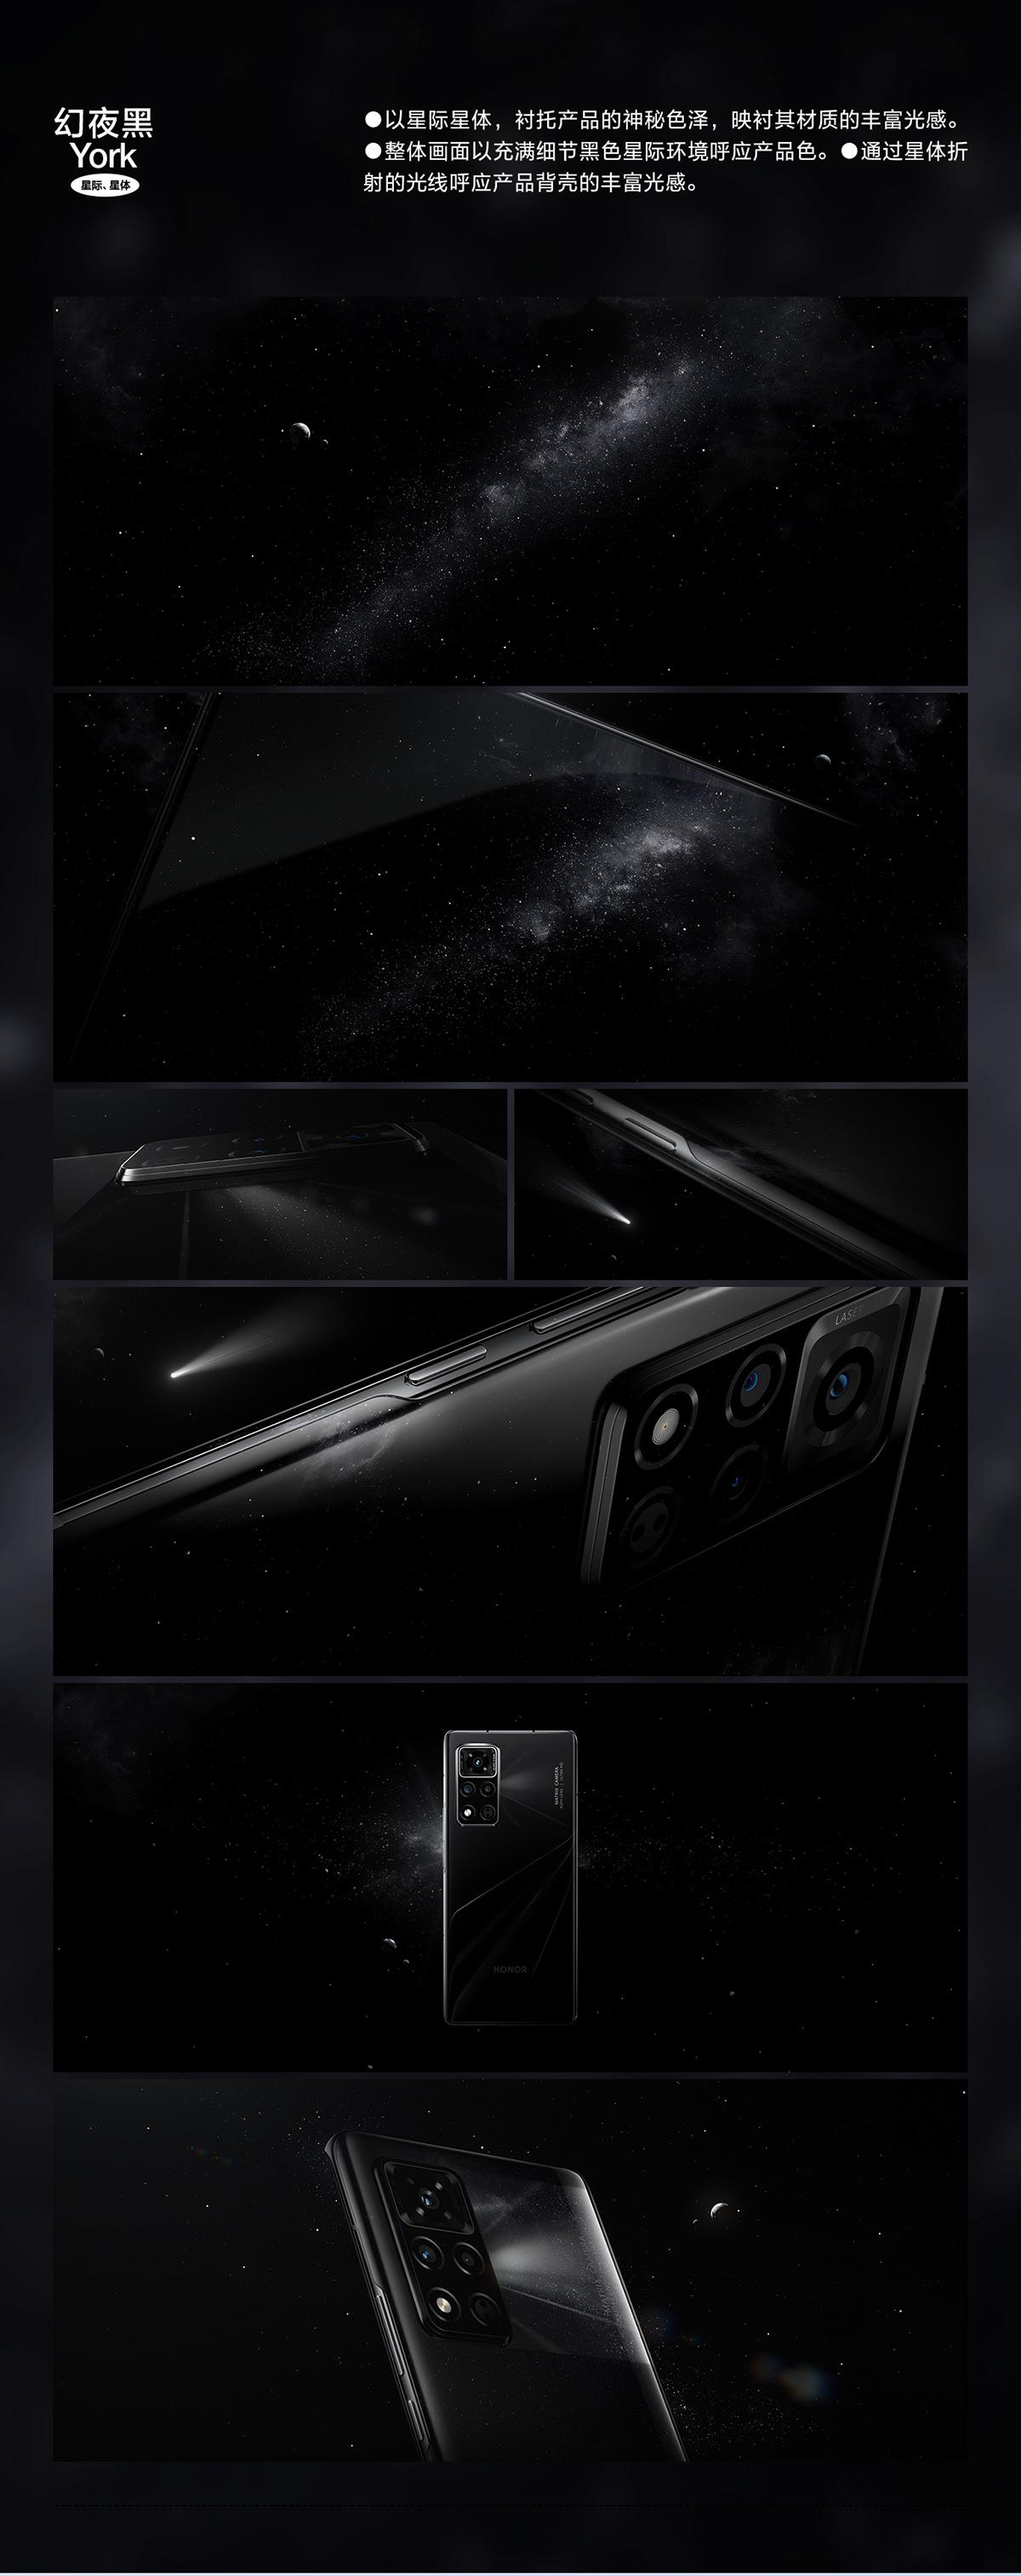 Image may contain: screenshot, car and black